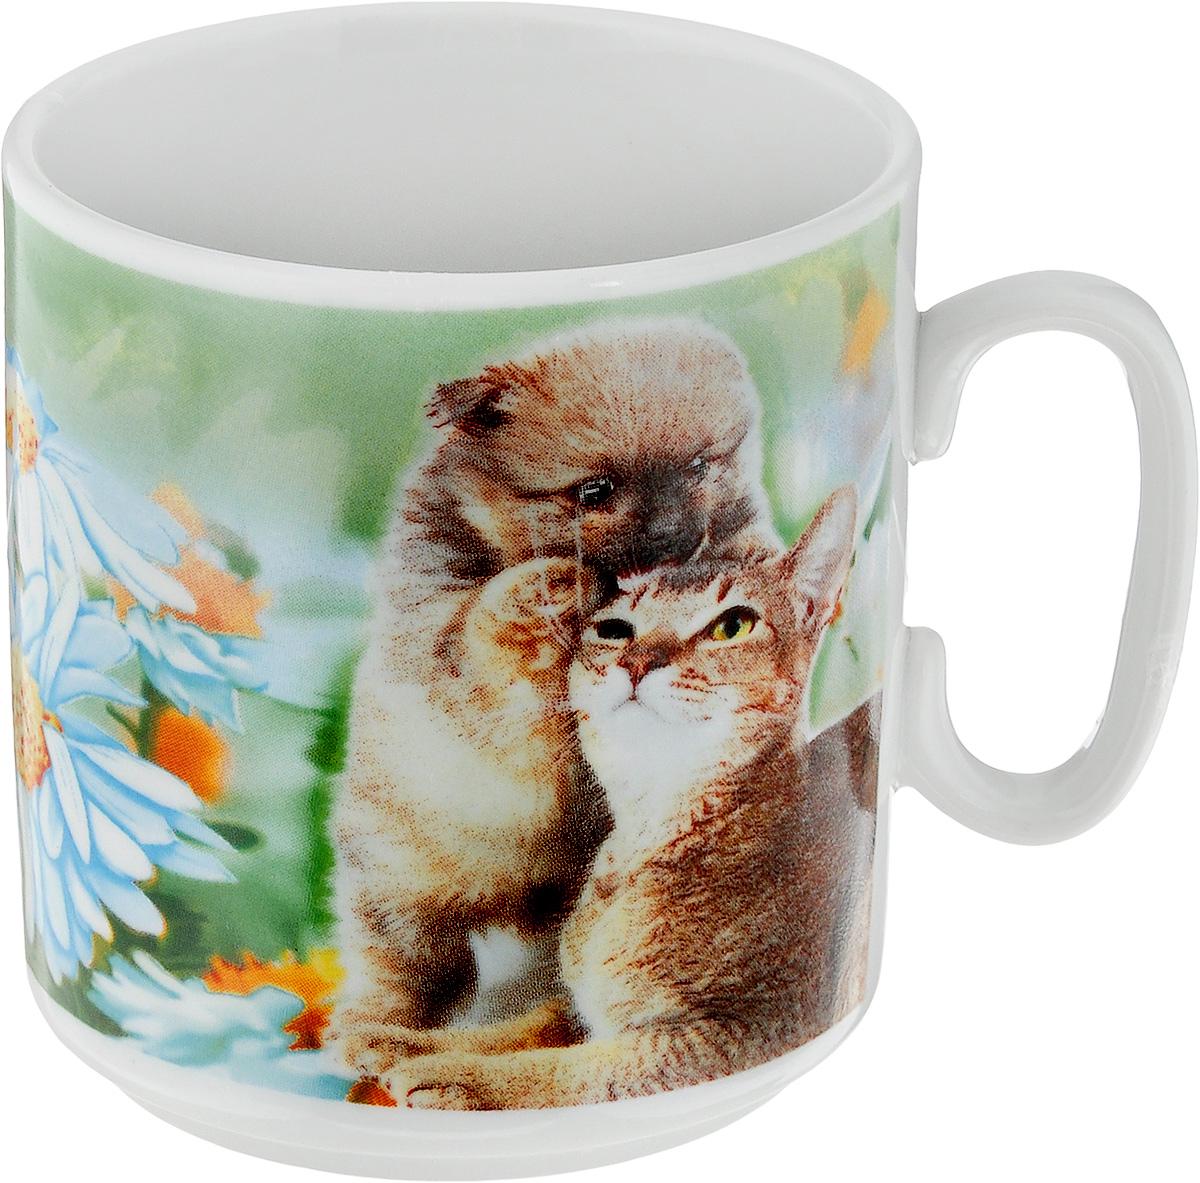 Кружка Джойс. Йоркширский терьер, кот и ромашки, 300 мл115510Кружка Джойс. Йоркширский терьер, кот и ромашки изготовлена из высококачественного фарфора. Внешние стенки изделия оформлены красочным рисунком. Такая кружка прекрасно подойдет для горячих и холодных напитков. Она дополнит коллекцию вашей кухонной посуды и будет служить долгие годы.Диаметр кружки (по верхнему краю): 8 см.Высота кружки: 8,5 см.